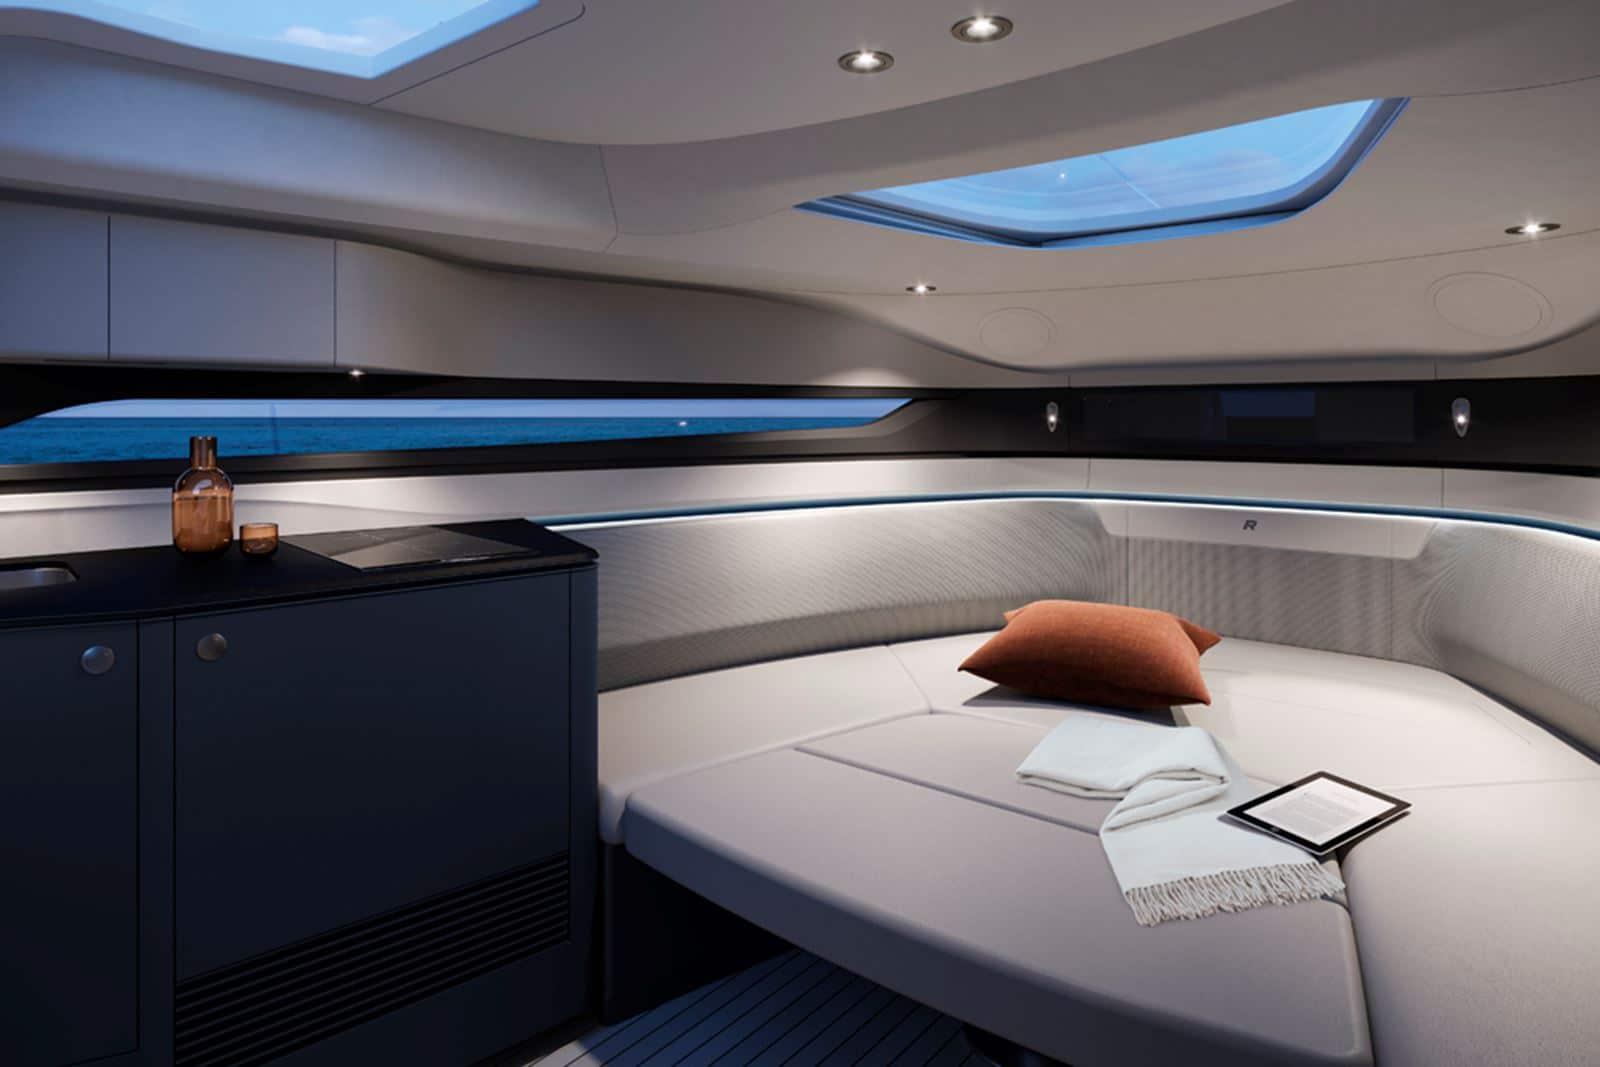 r35 cabin oxygen scheme at dusk